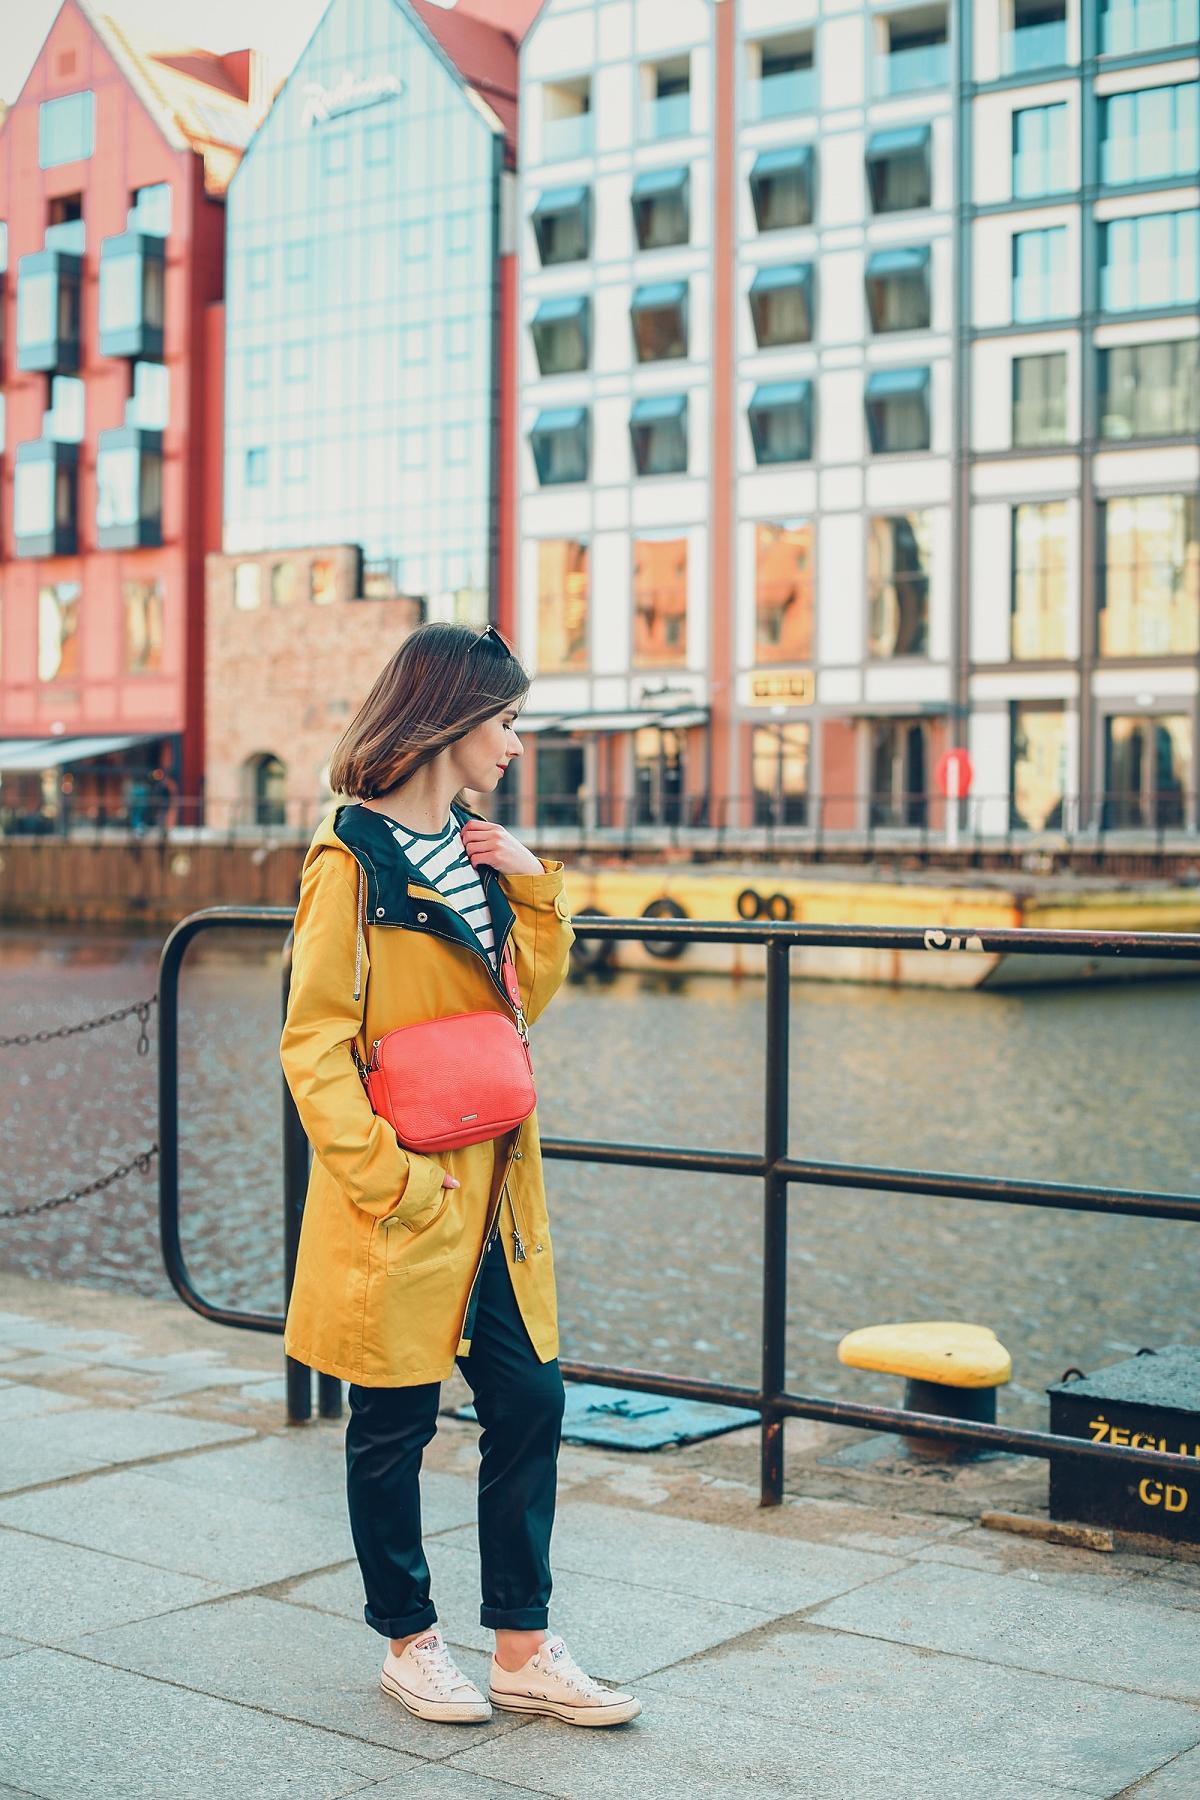 żółty sztormiak przeciwdeszczowa kurtka czerwona torebka stylizacja blog modowy